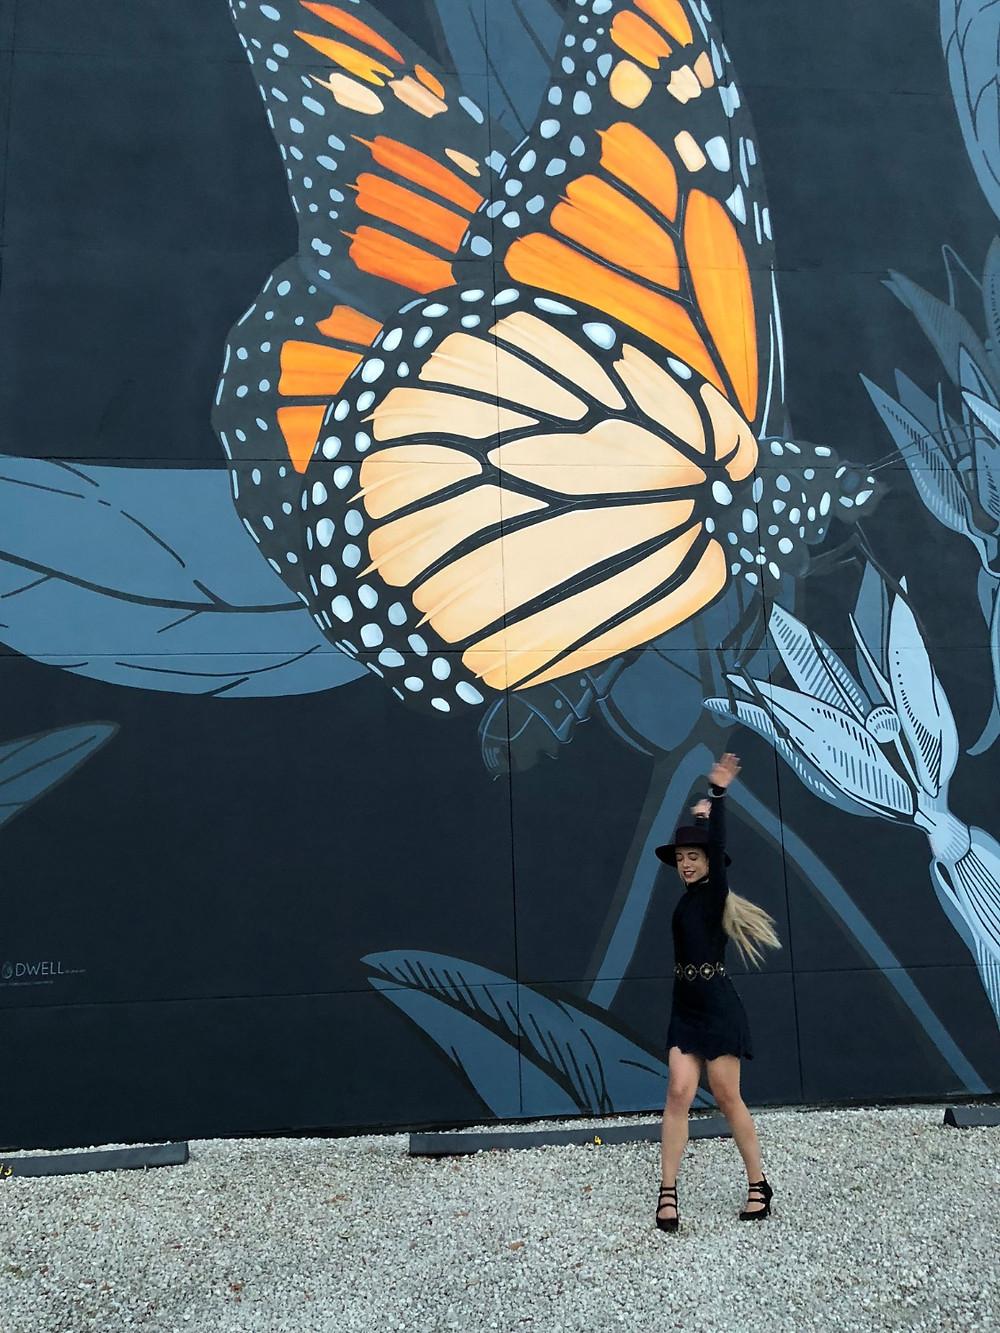 Katrina-Belle-Beauty-Orlando-Fashion-Blogger-Downtown-Orlando-Monarch-Mural